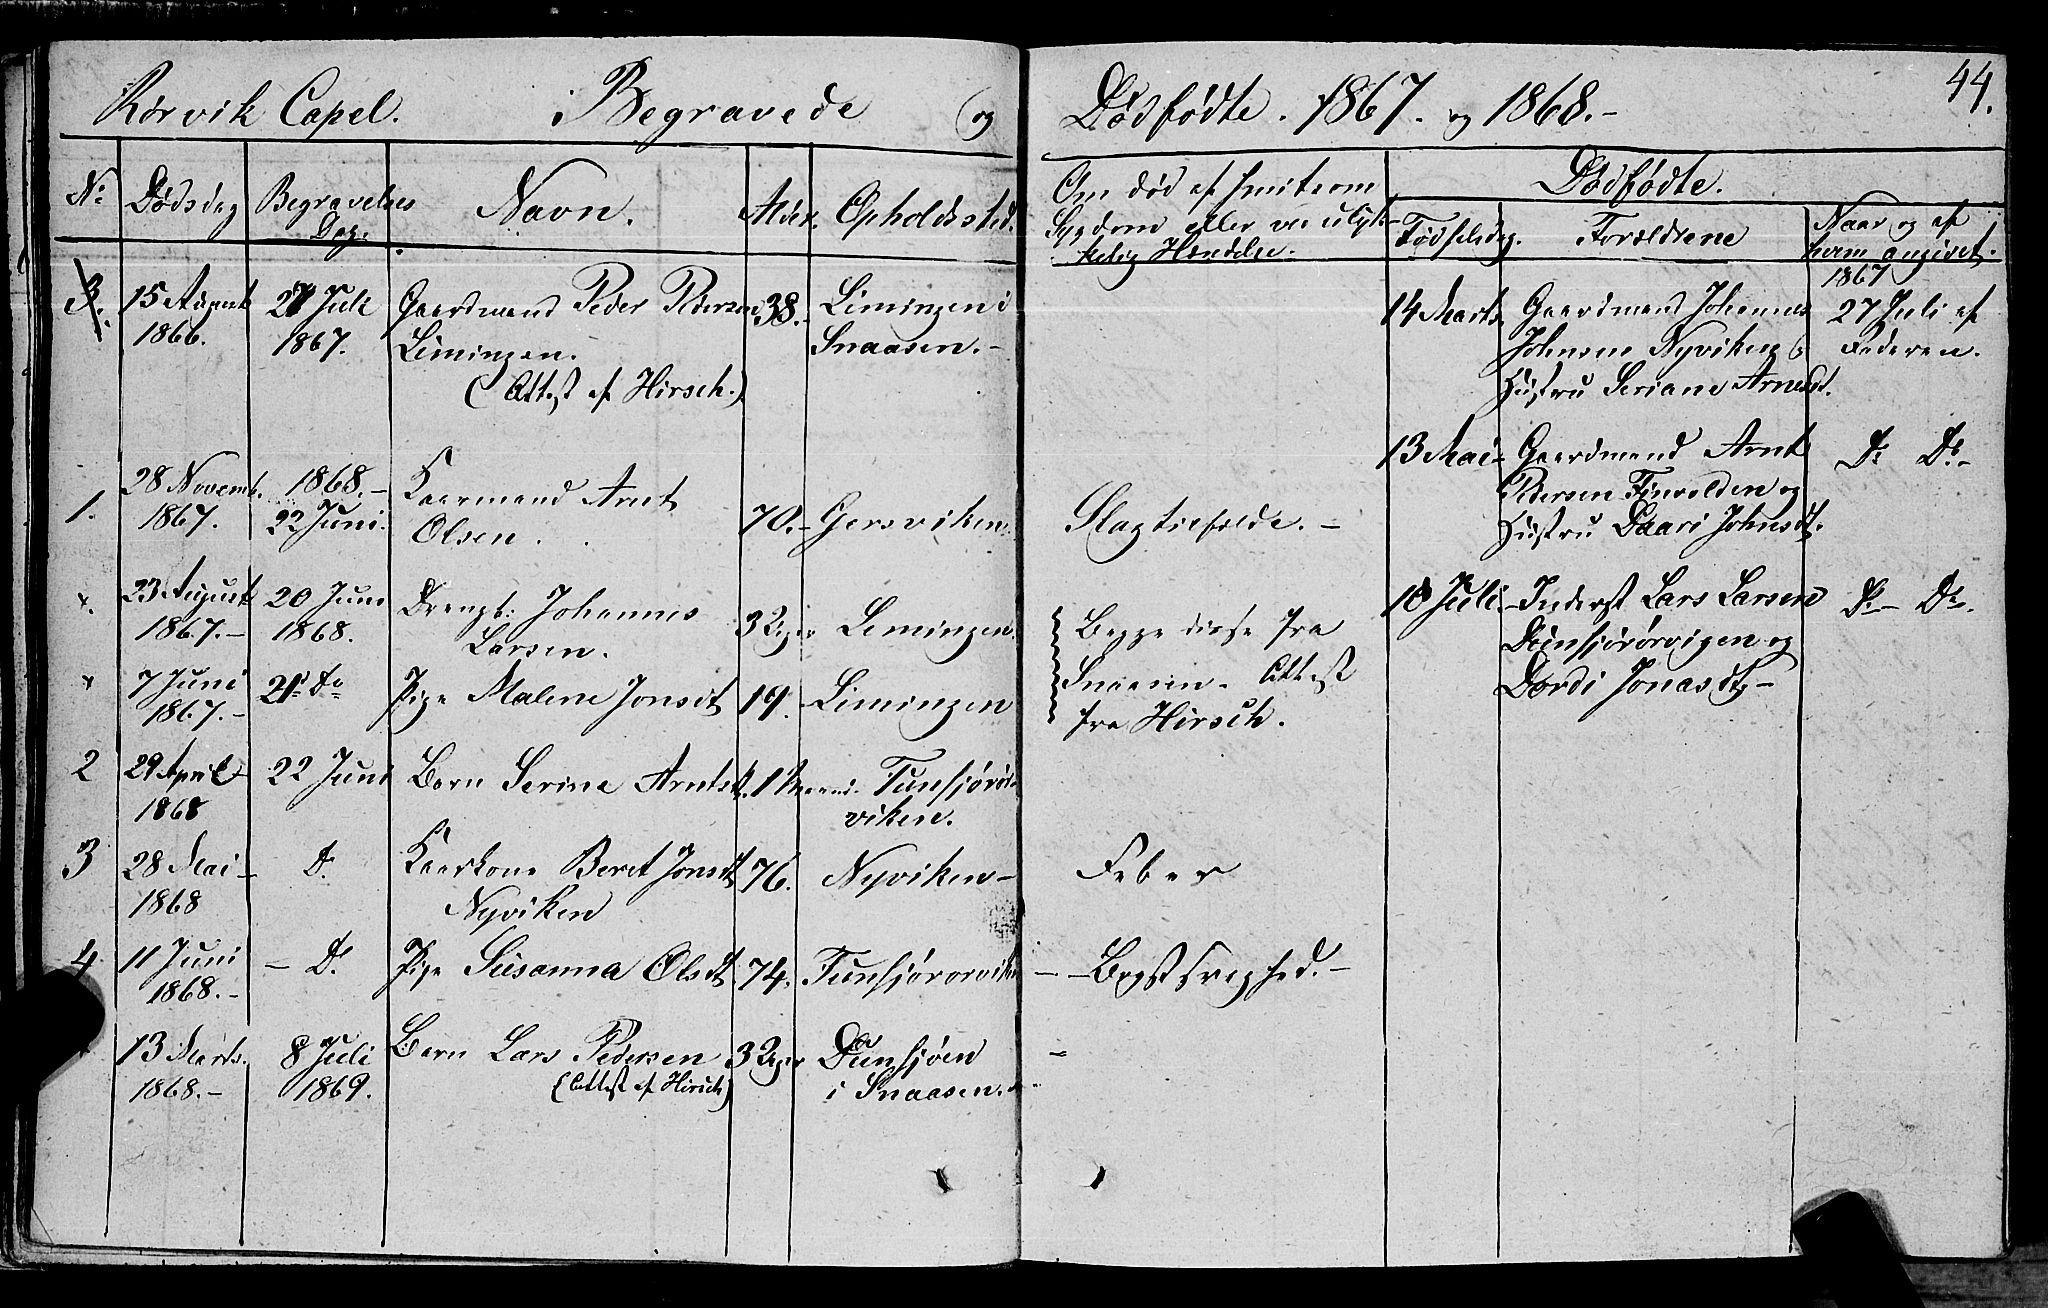 SAT, Ministerialprotokoller, klokkerbøker og fødselsregistre - Nord-Trøndelag, 762/L0538: Ministerialbok nr. 762A02 /1, 1833-1879, s. 44